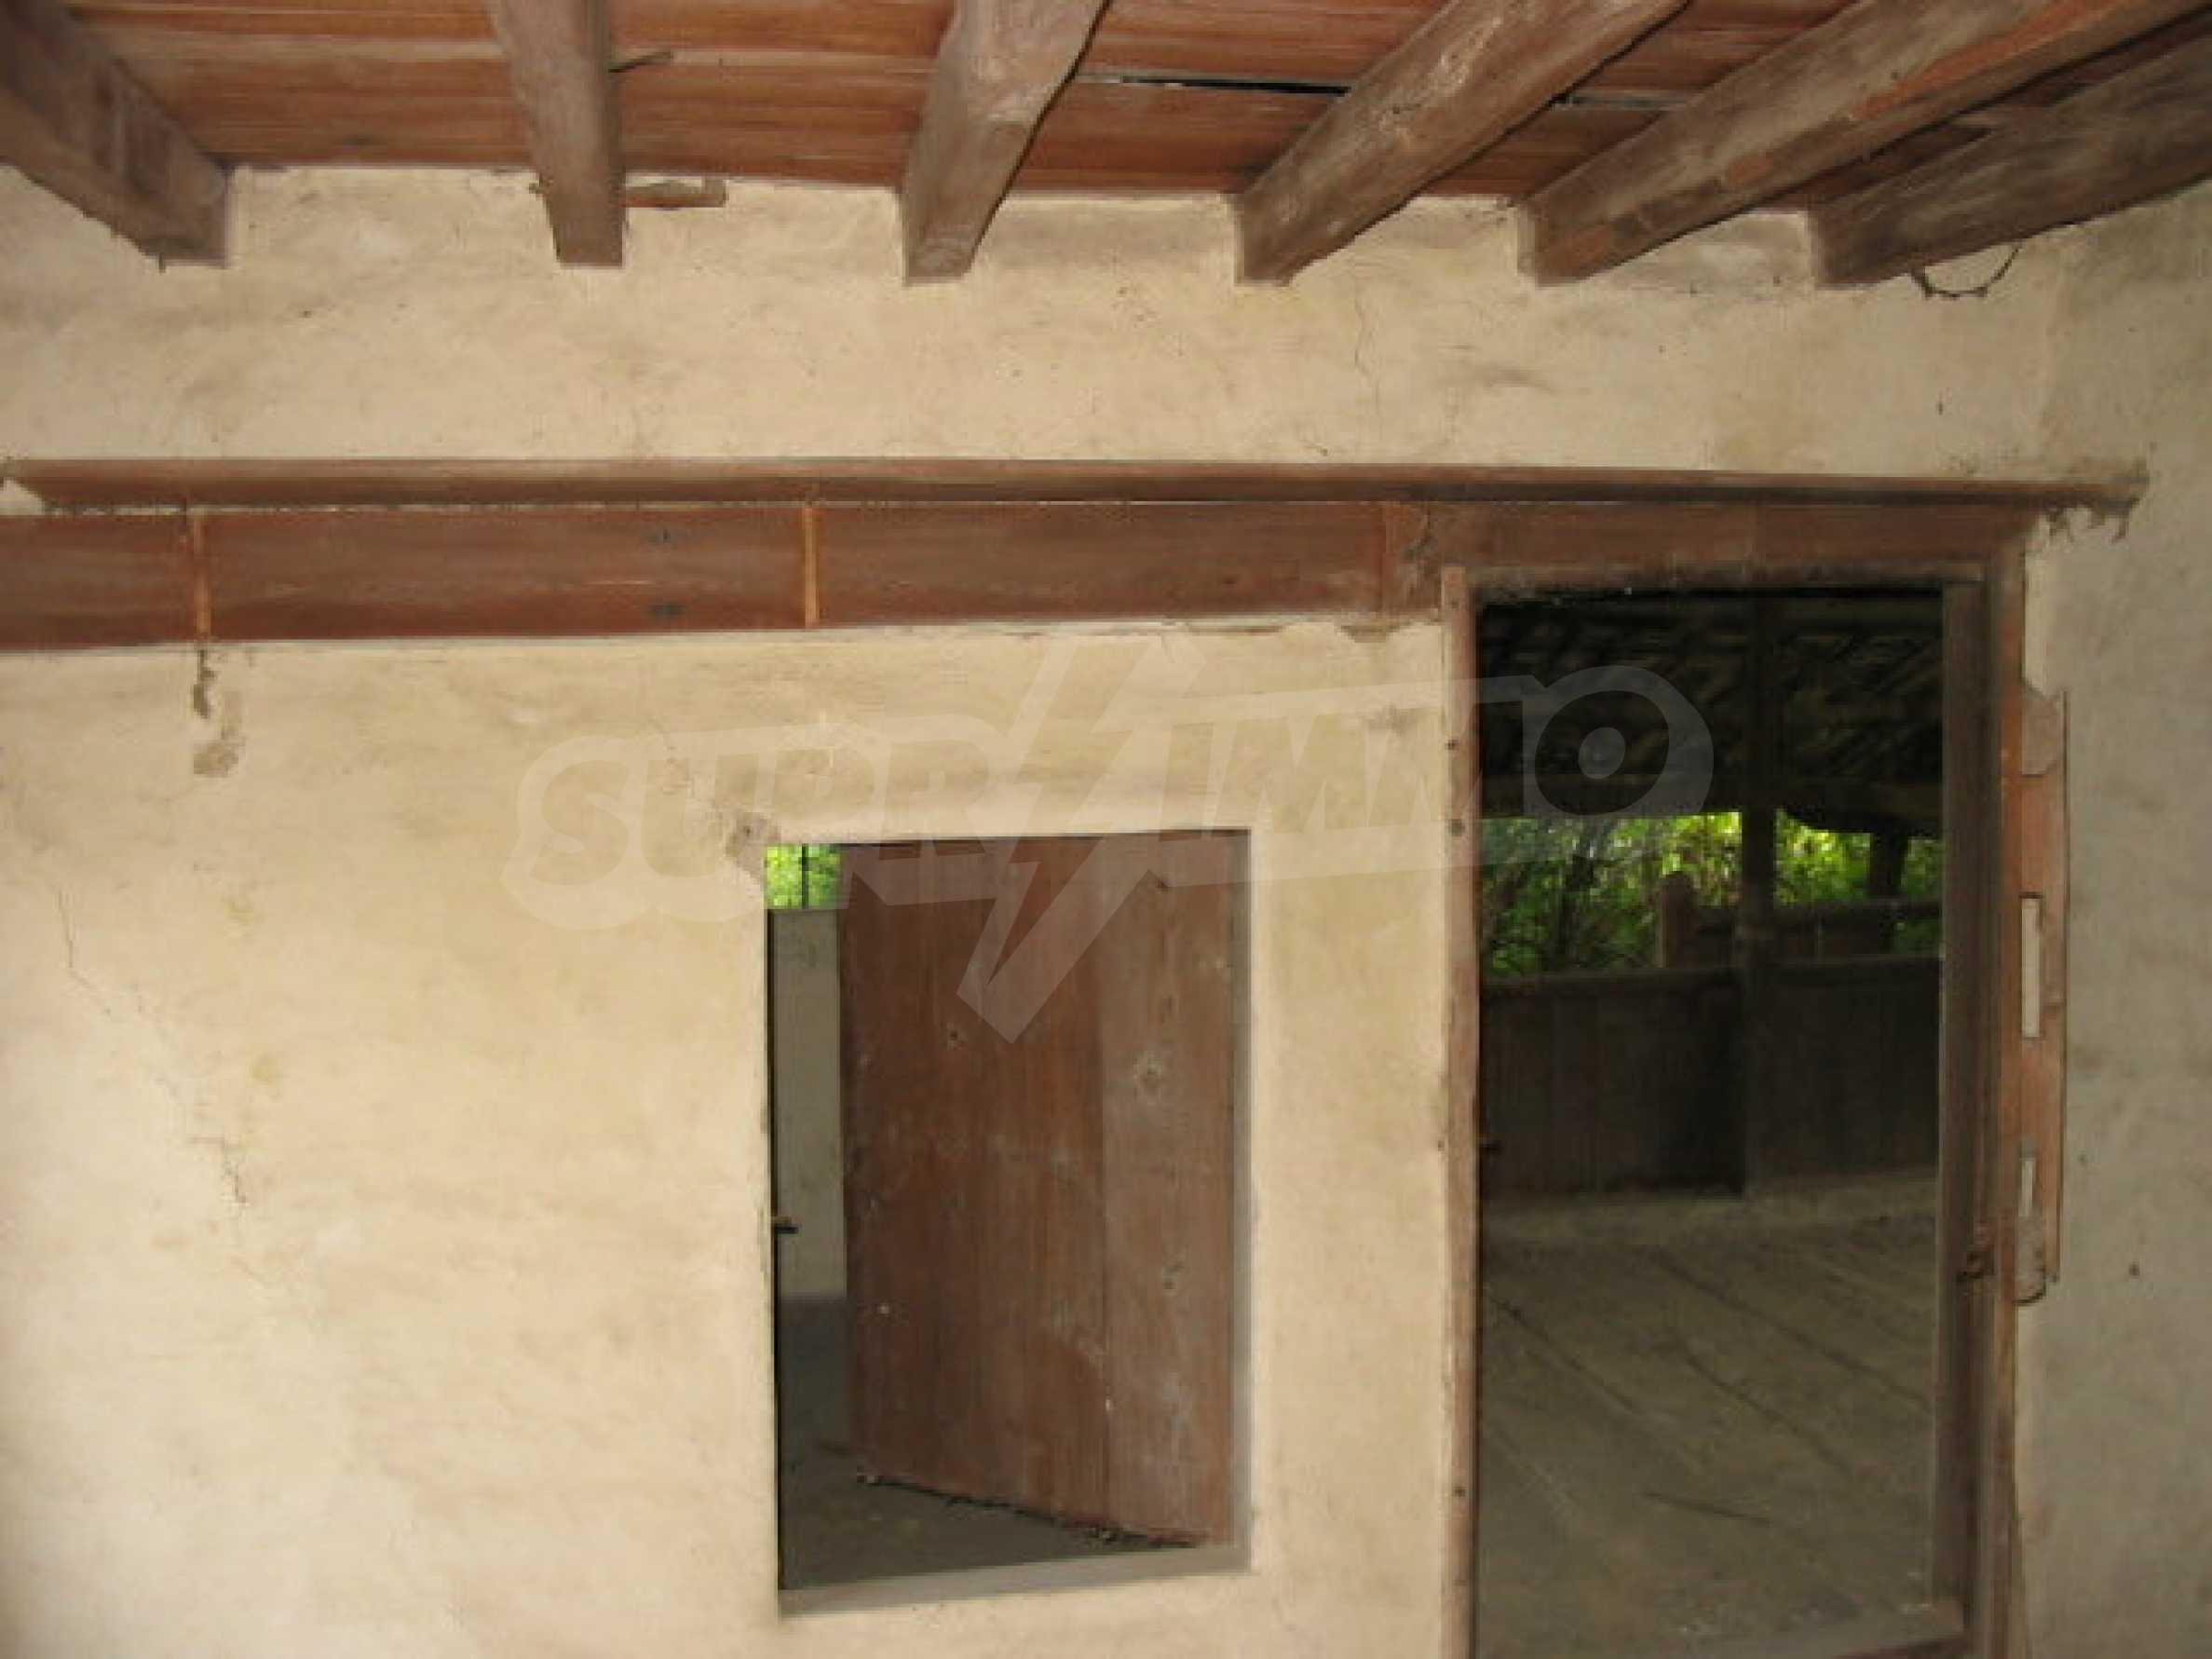 Двухэатжный дом, выстроенный в традиционном болгарском стиле 8